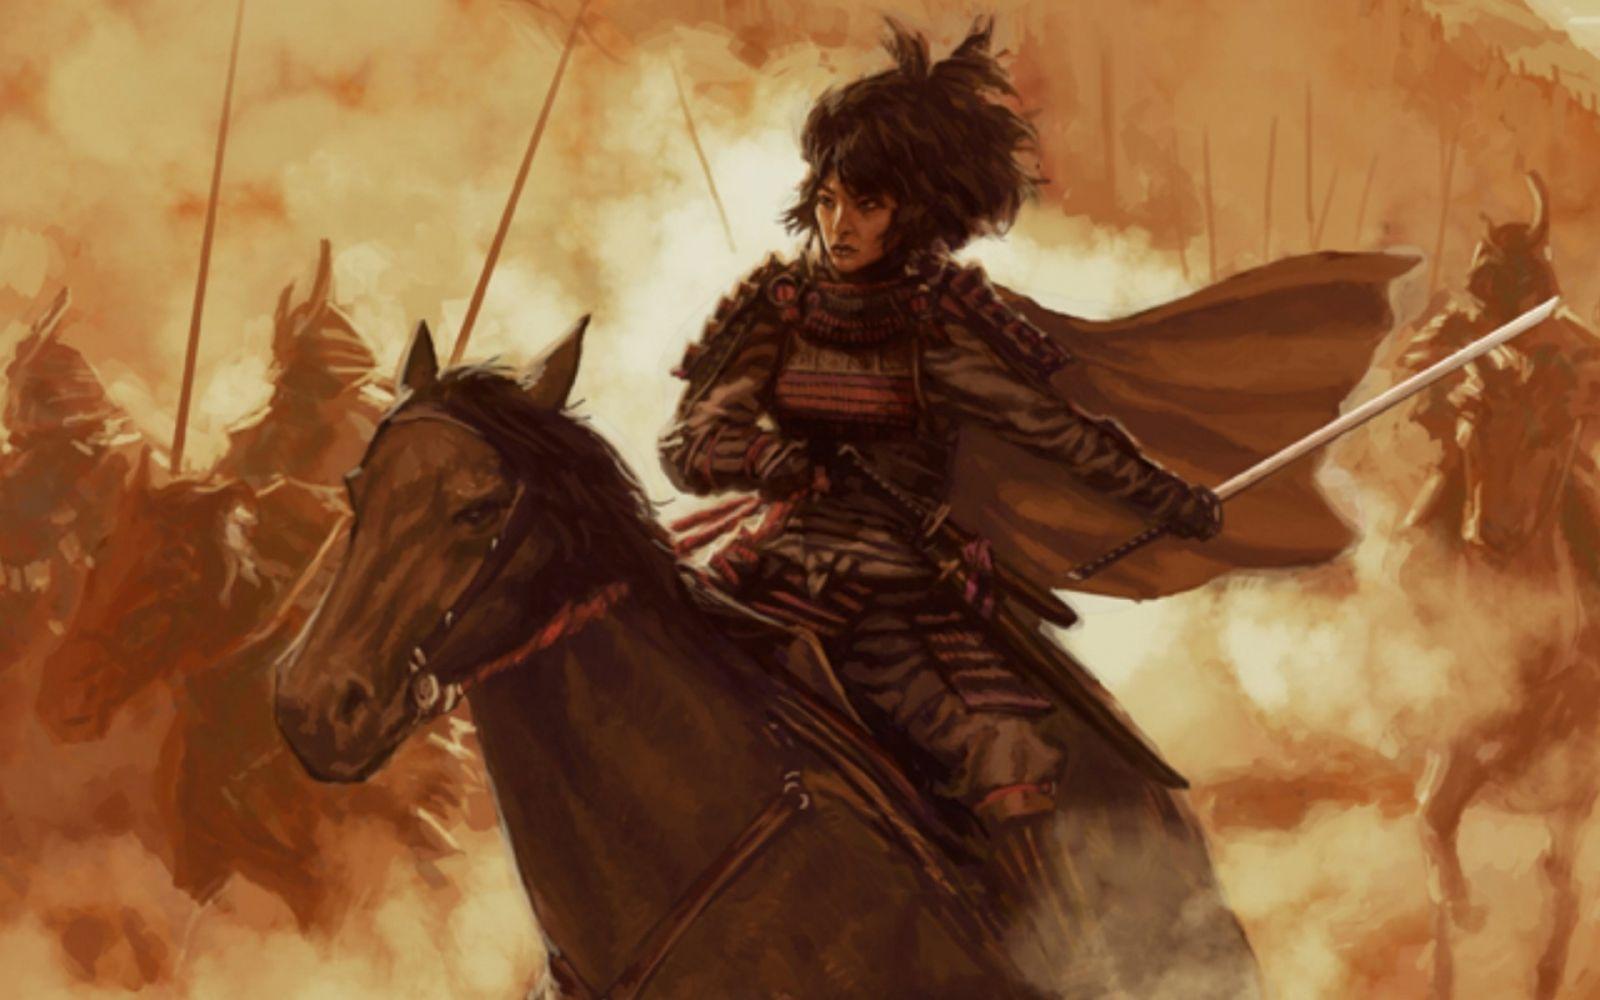 добавляет конный самурай картинки училища принимают активное